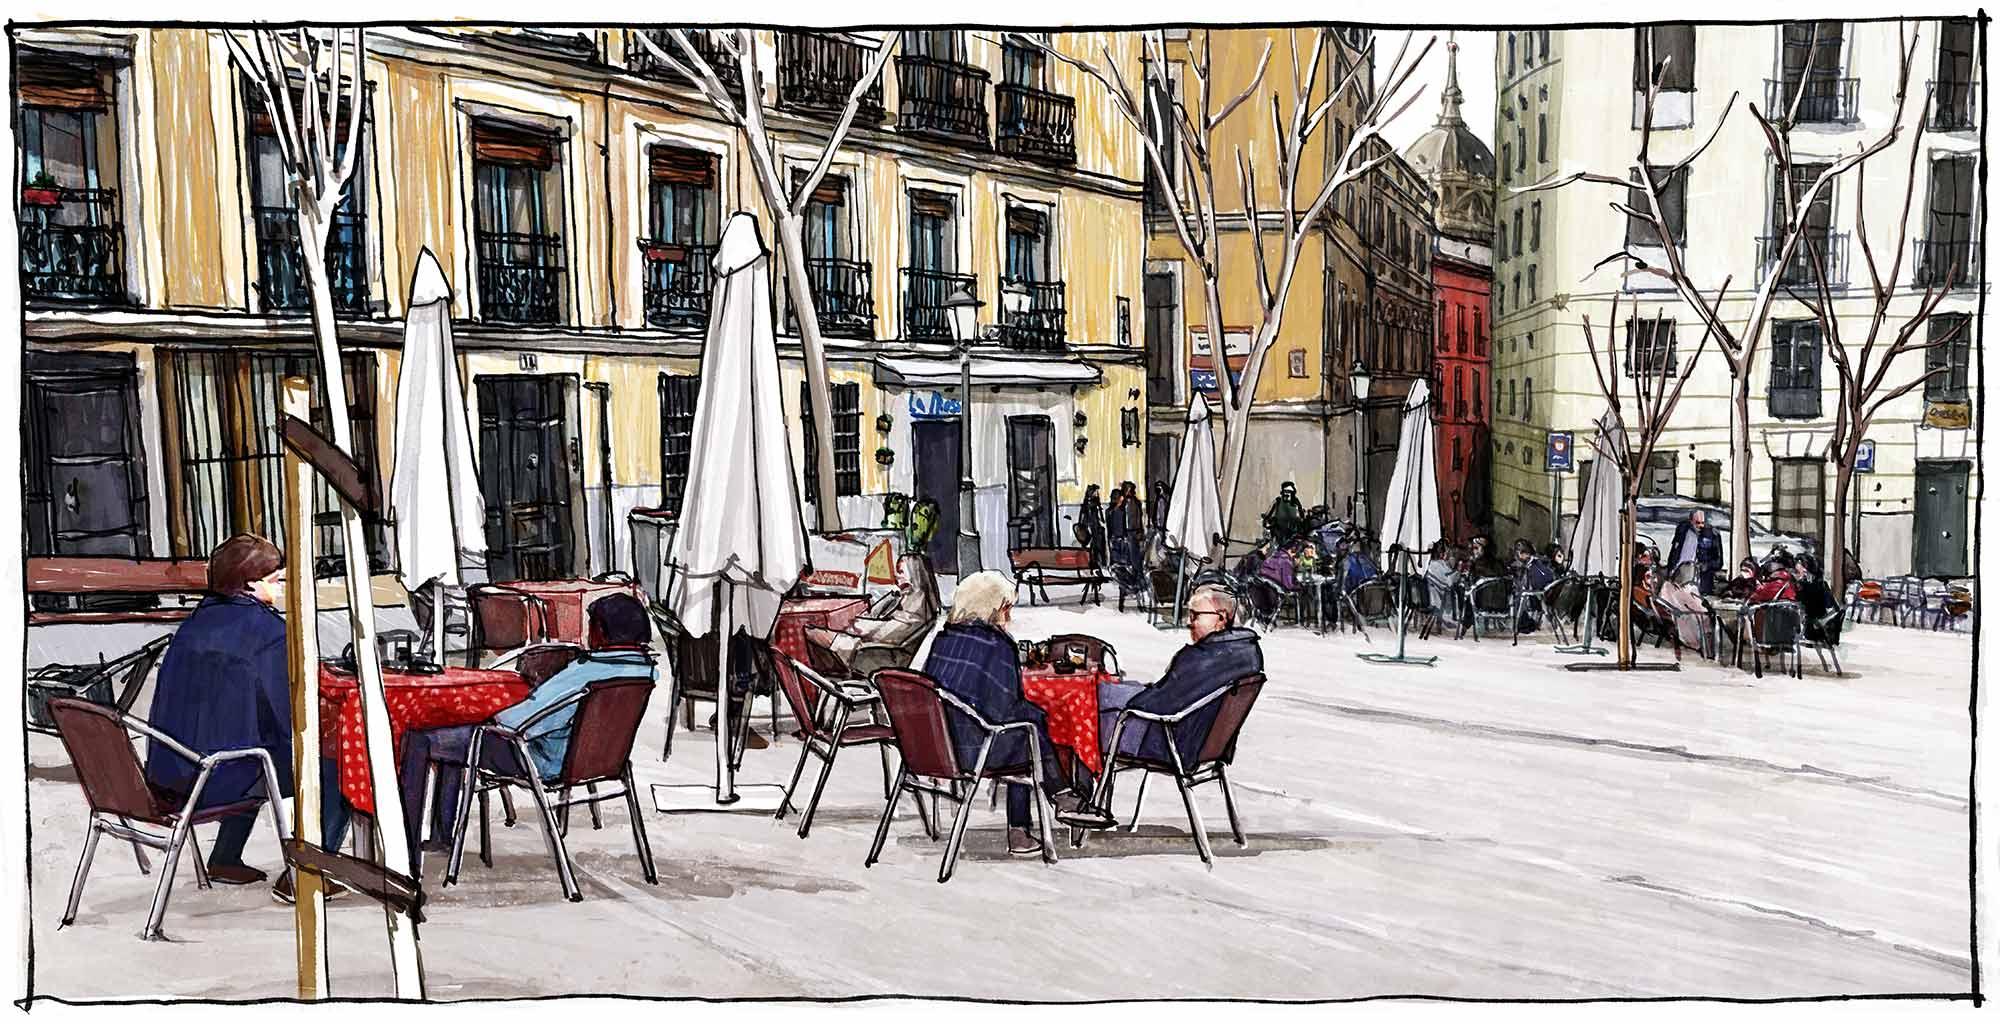 Mario Jodra Augusta Plaza de la Paja illustration